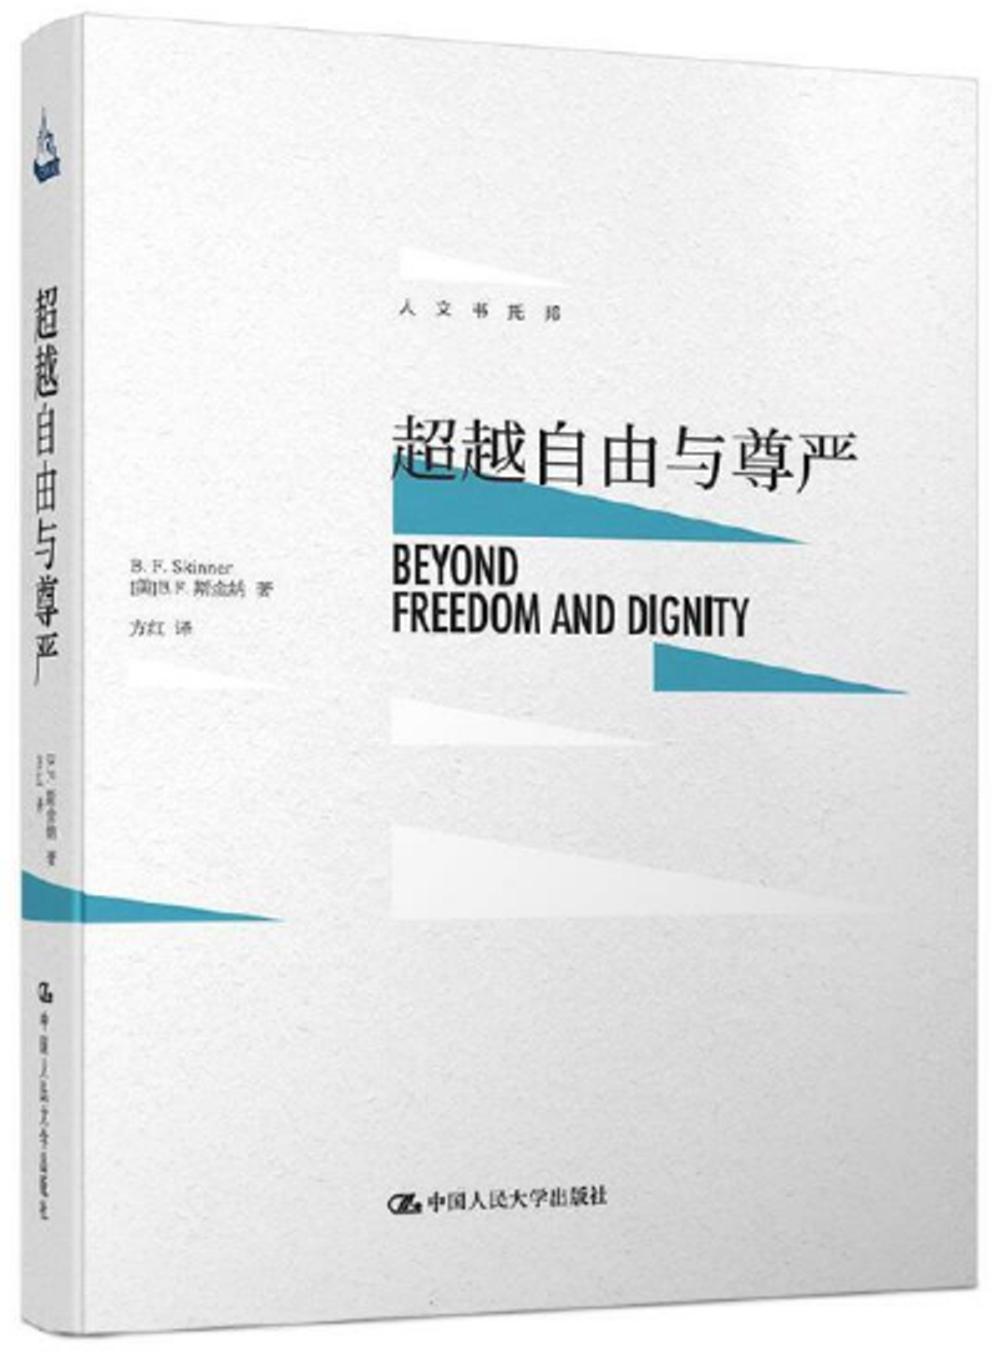 超越自由與尊嚴